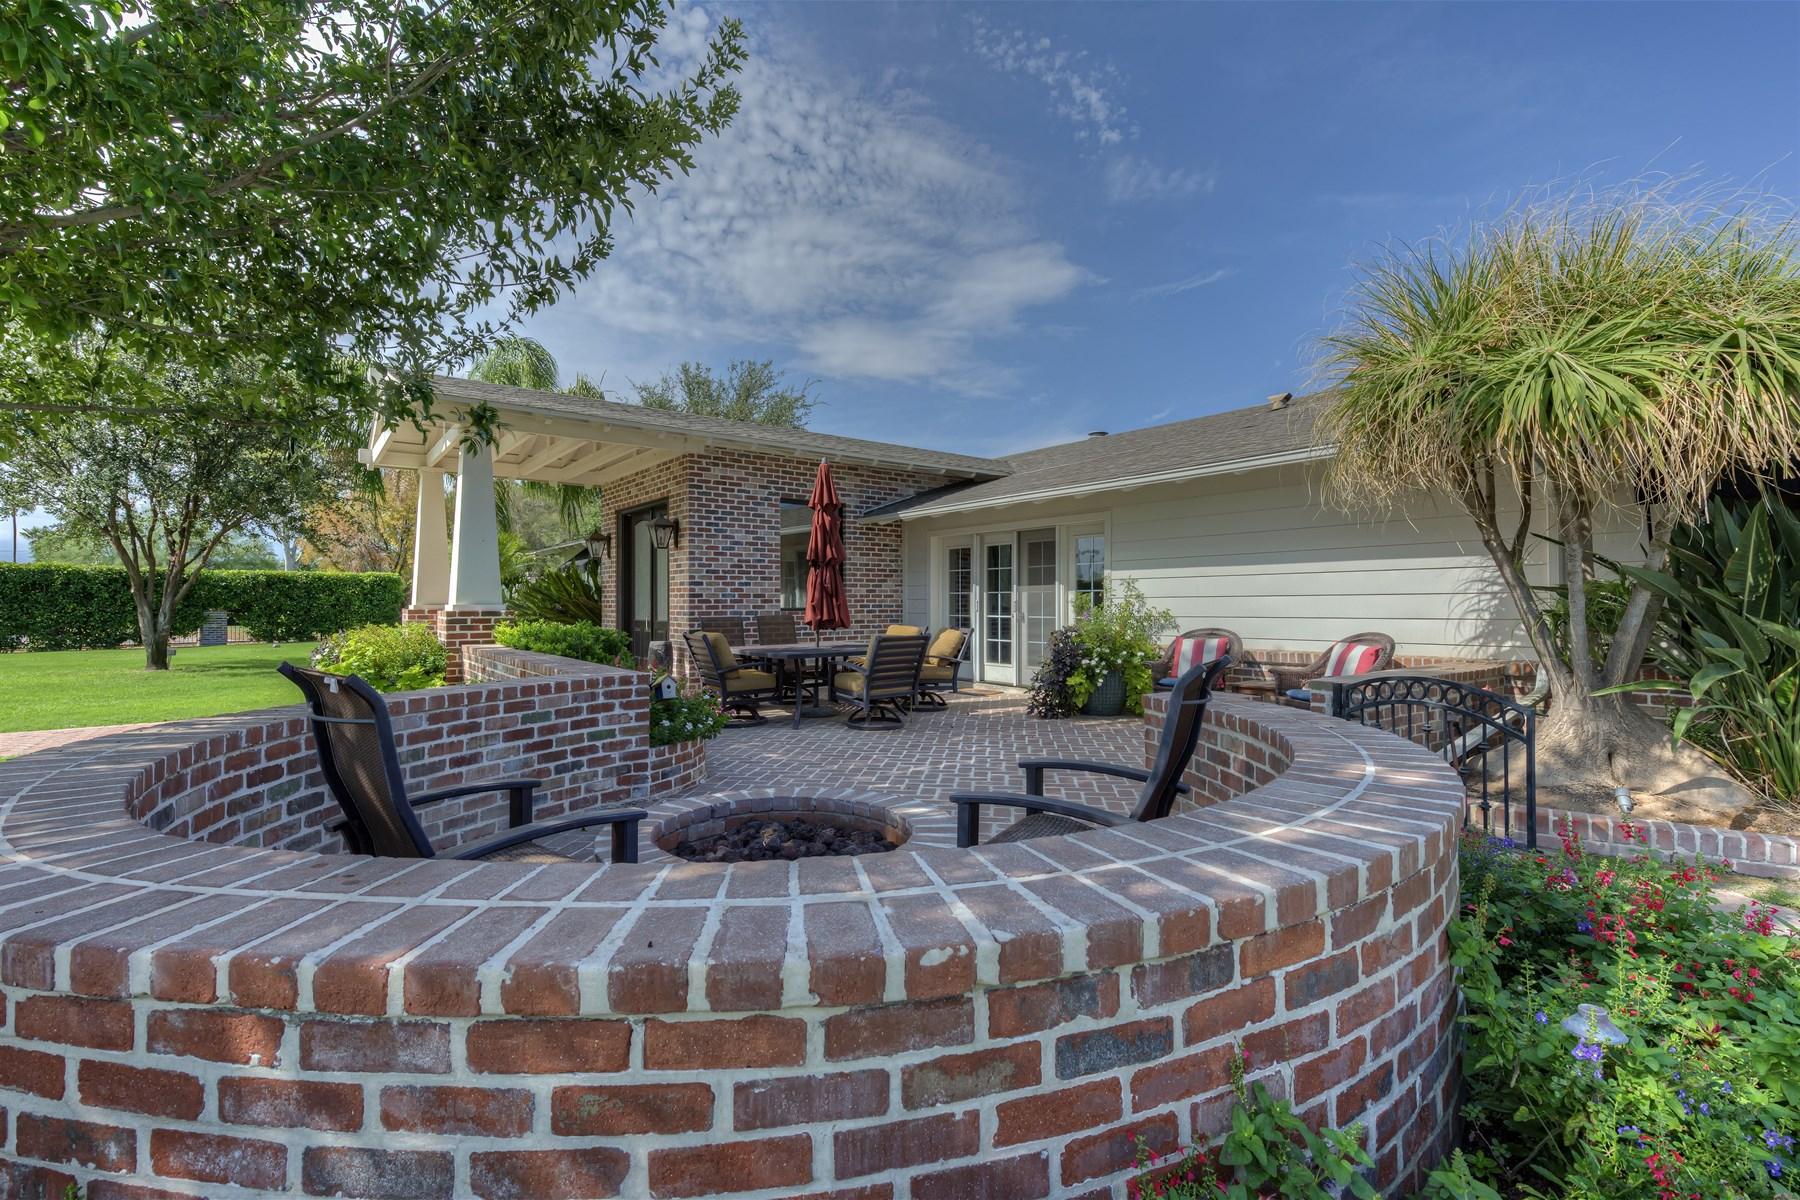 Casa Unifamiliar por un Venta en Wonderful family home is located in the heart of true Arcadia 4102 N 65th St Scottsdale, Arizona 85251 Estados Unidos